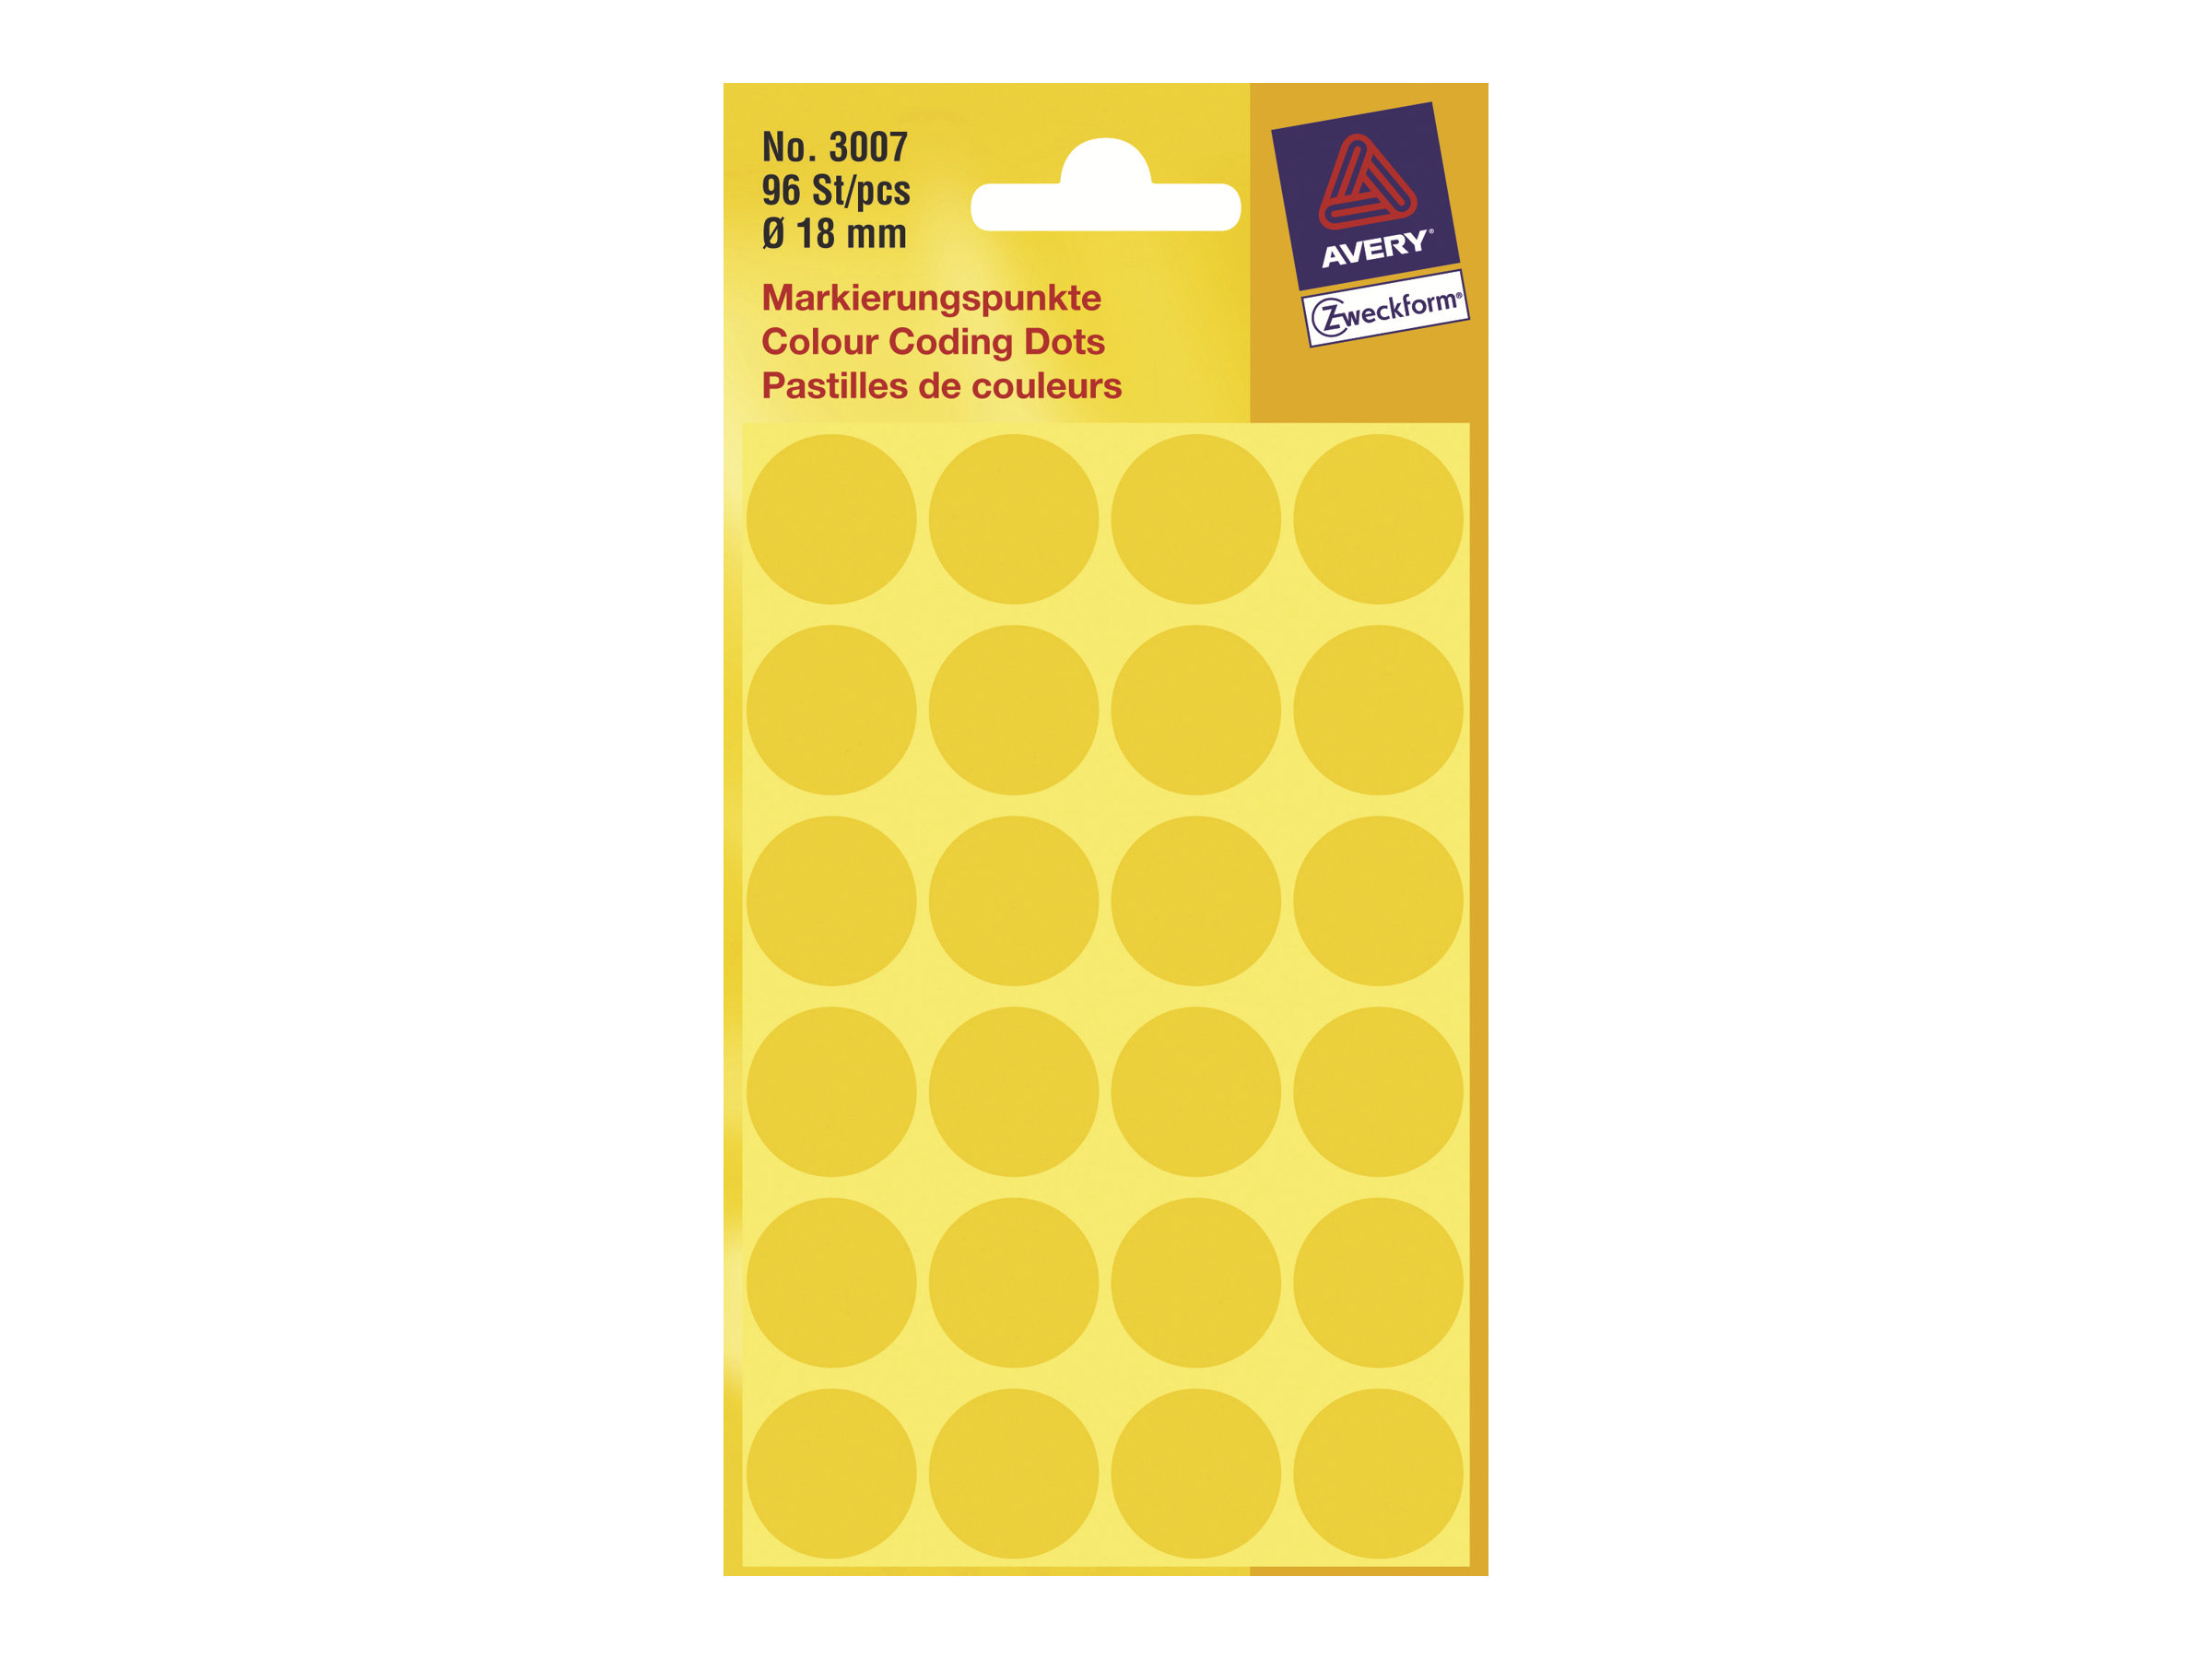 Avery Zweckform - Selbstklebend - Gelb - 18 mm rund 96 Etikett(en) (4 Bogen x 24) runde Etiketten